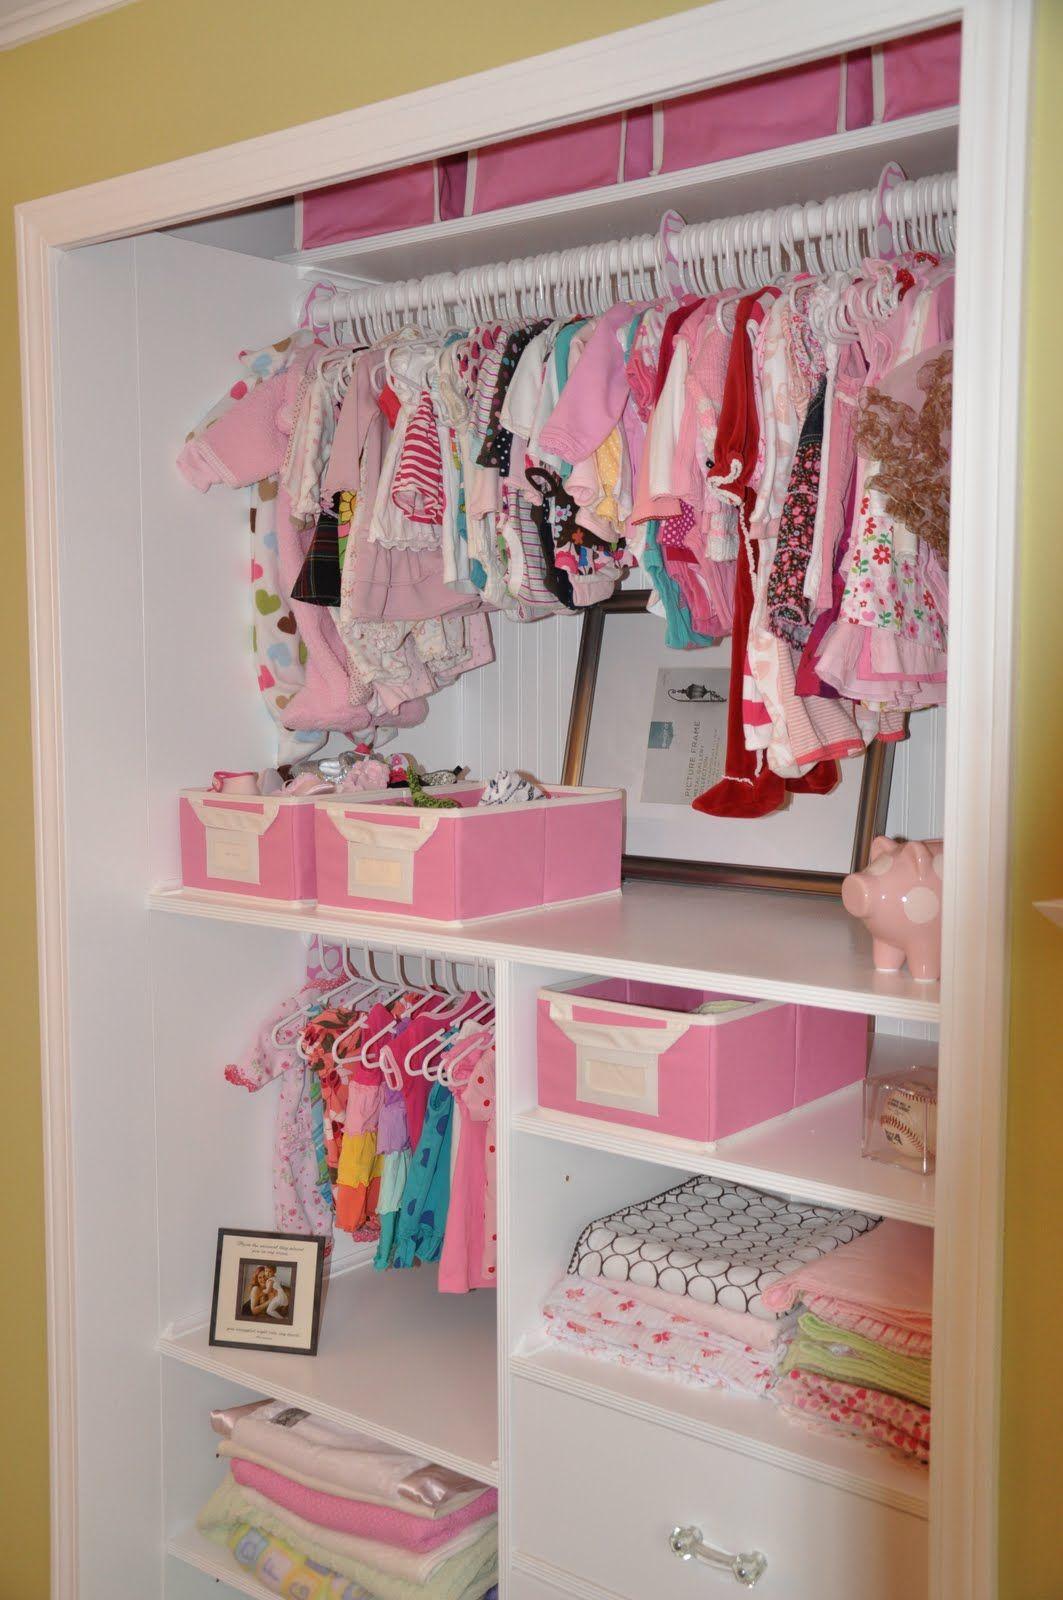 id e de rangement chambre de lexie pinterest bebe placards b b et chambre b b. Black Bedroom Furniture Sets. Home Design Ideas